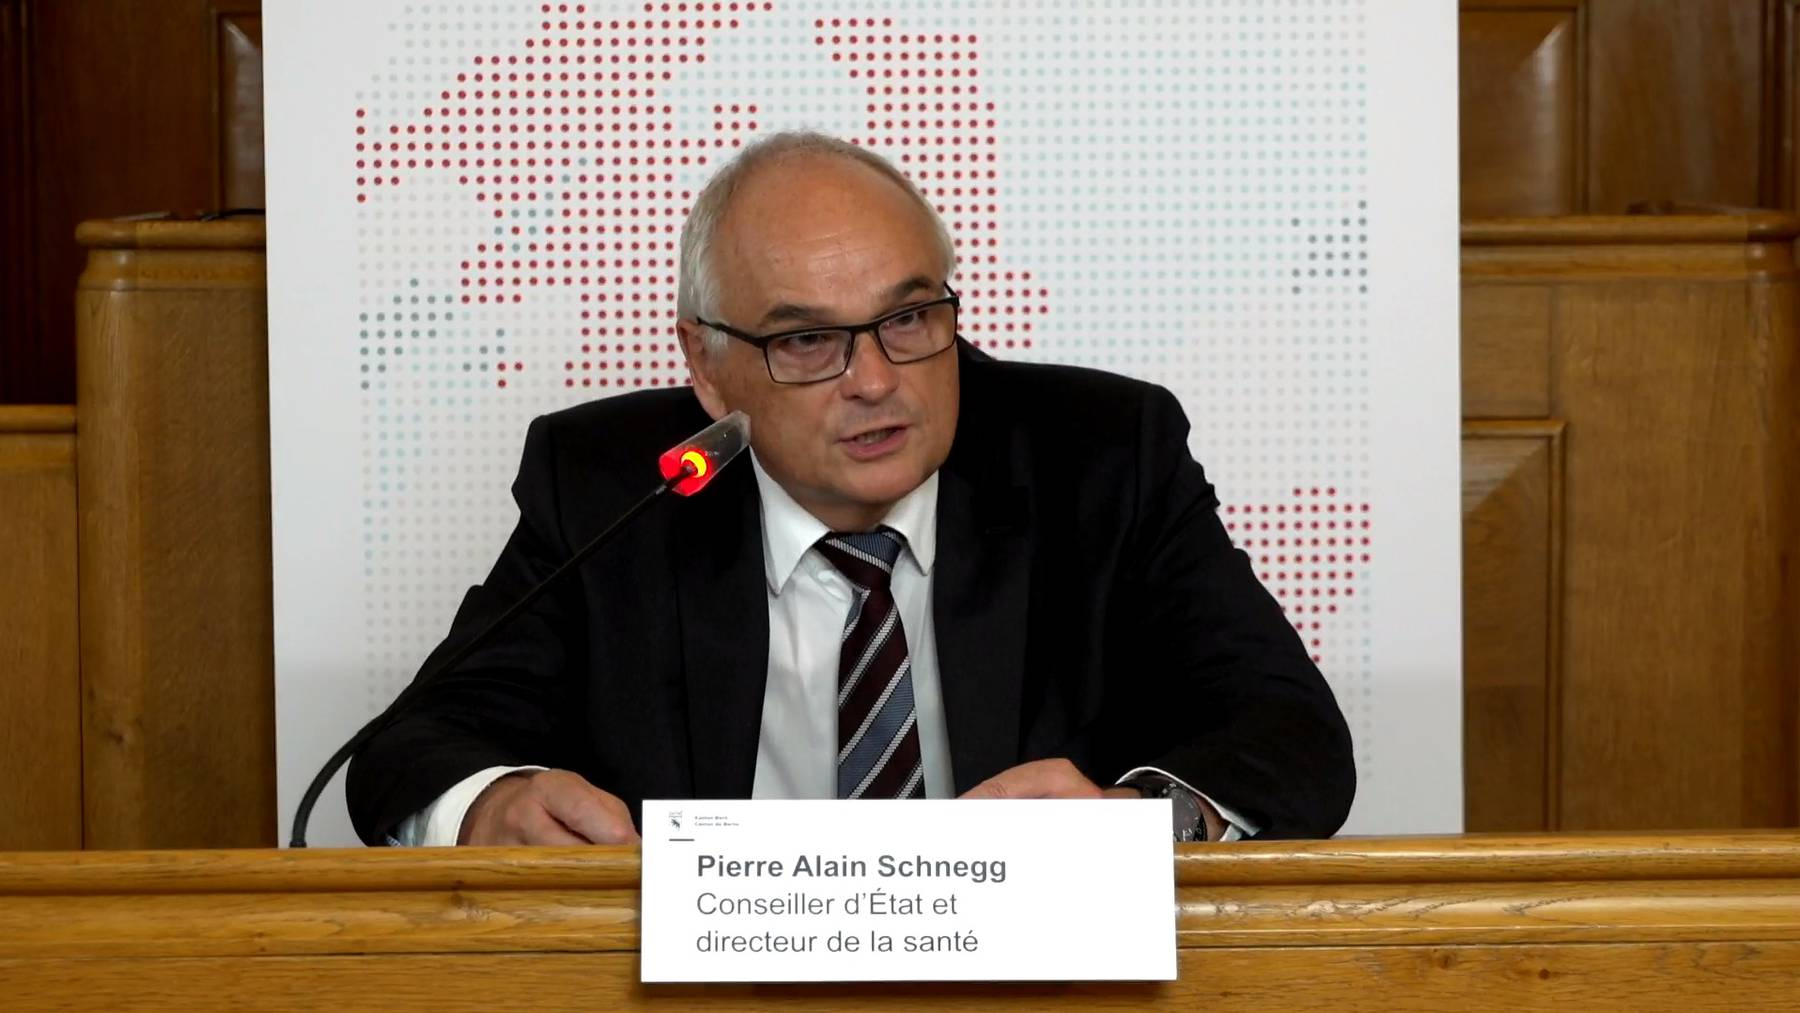 Pierre_Alain_Schnegg_quelle_Screenshot_Medienkonferenz_Regierungsrat